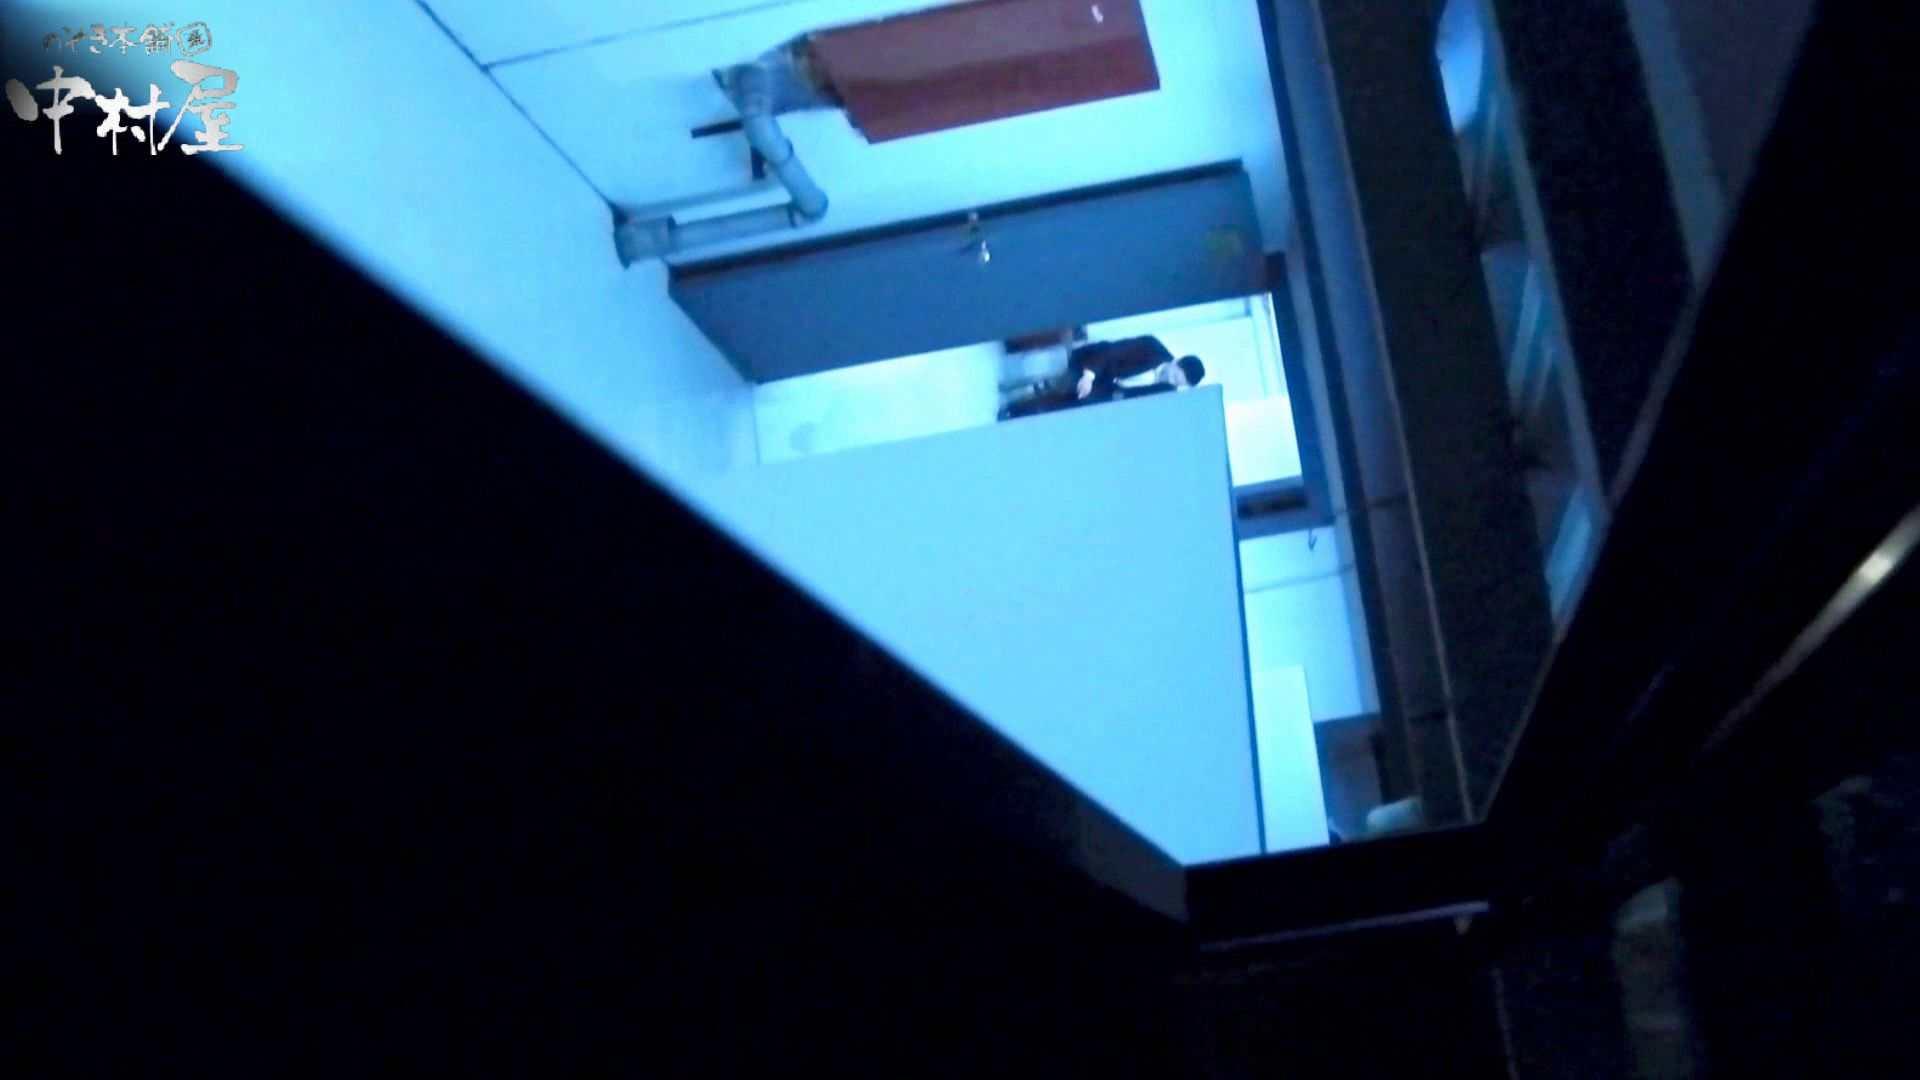 新世界の射窓 No70 世界の窓70 八頭身美女のエロい中腰 美女丸裸  86pic 18